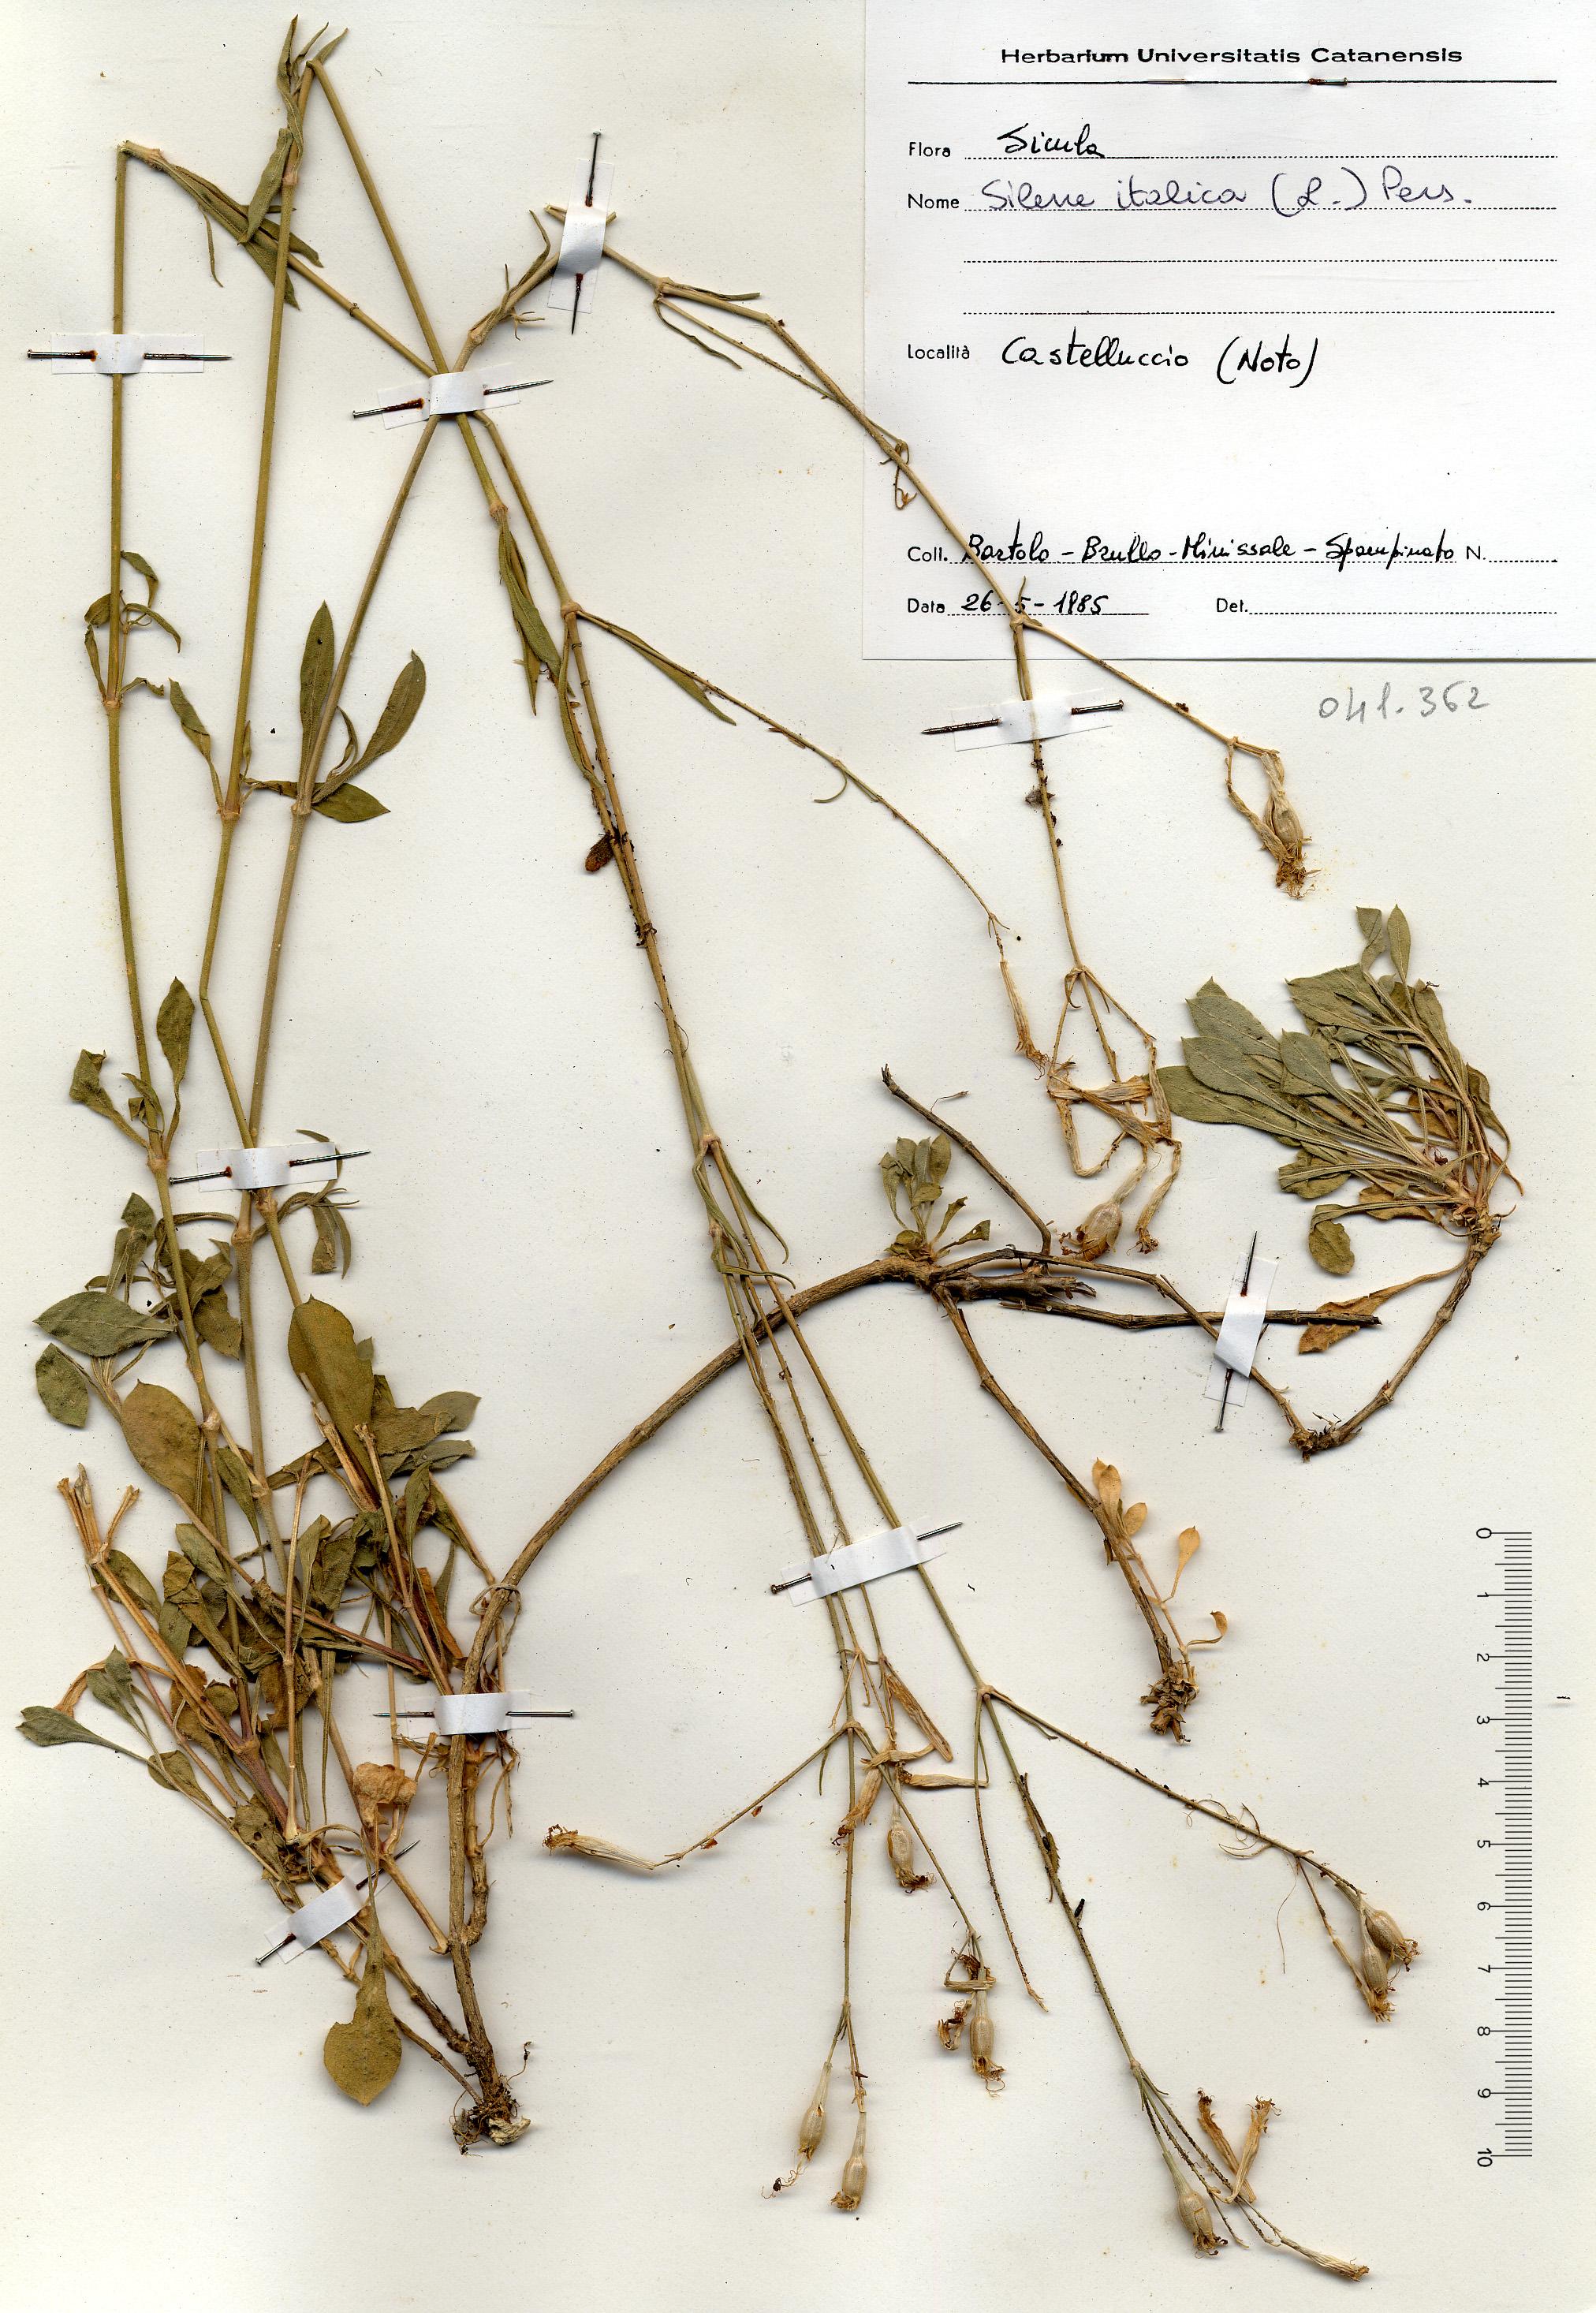 © Hortus Botanicus Catinensis - Herb. sheet 041362<br>